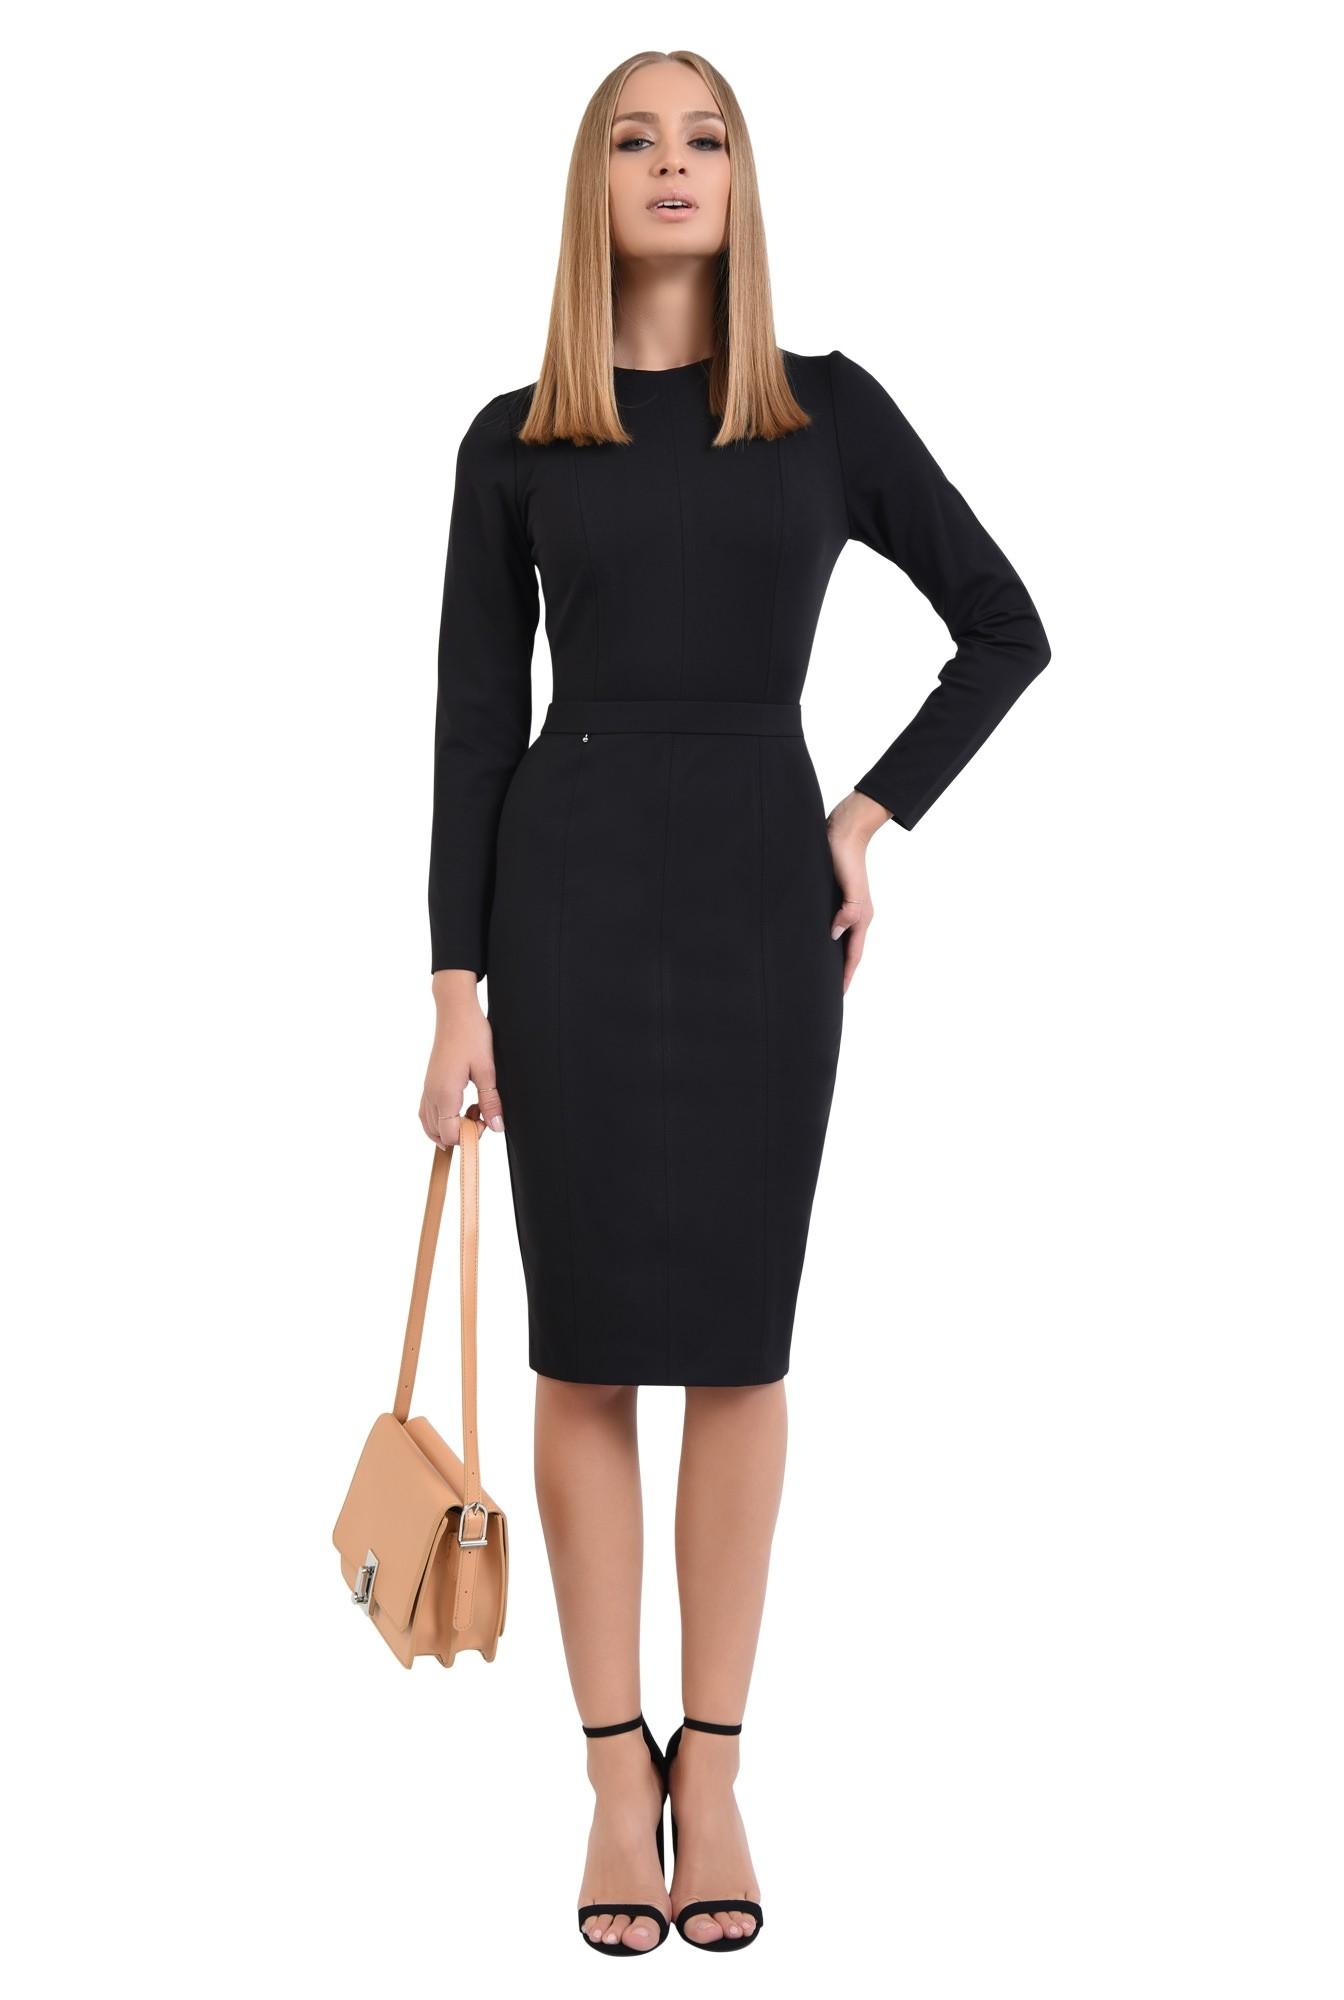 360 - rochie casual neagra, cusaturi decorative, decolteu rotund la baza gatului